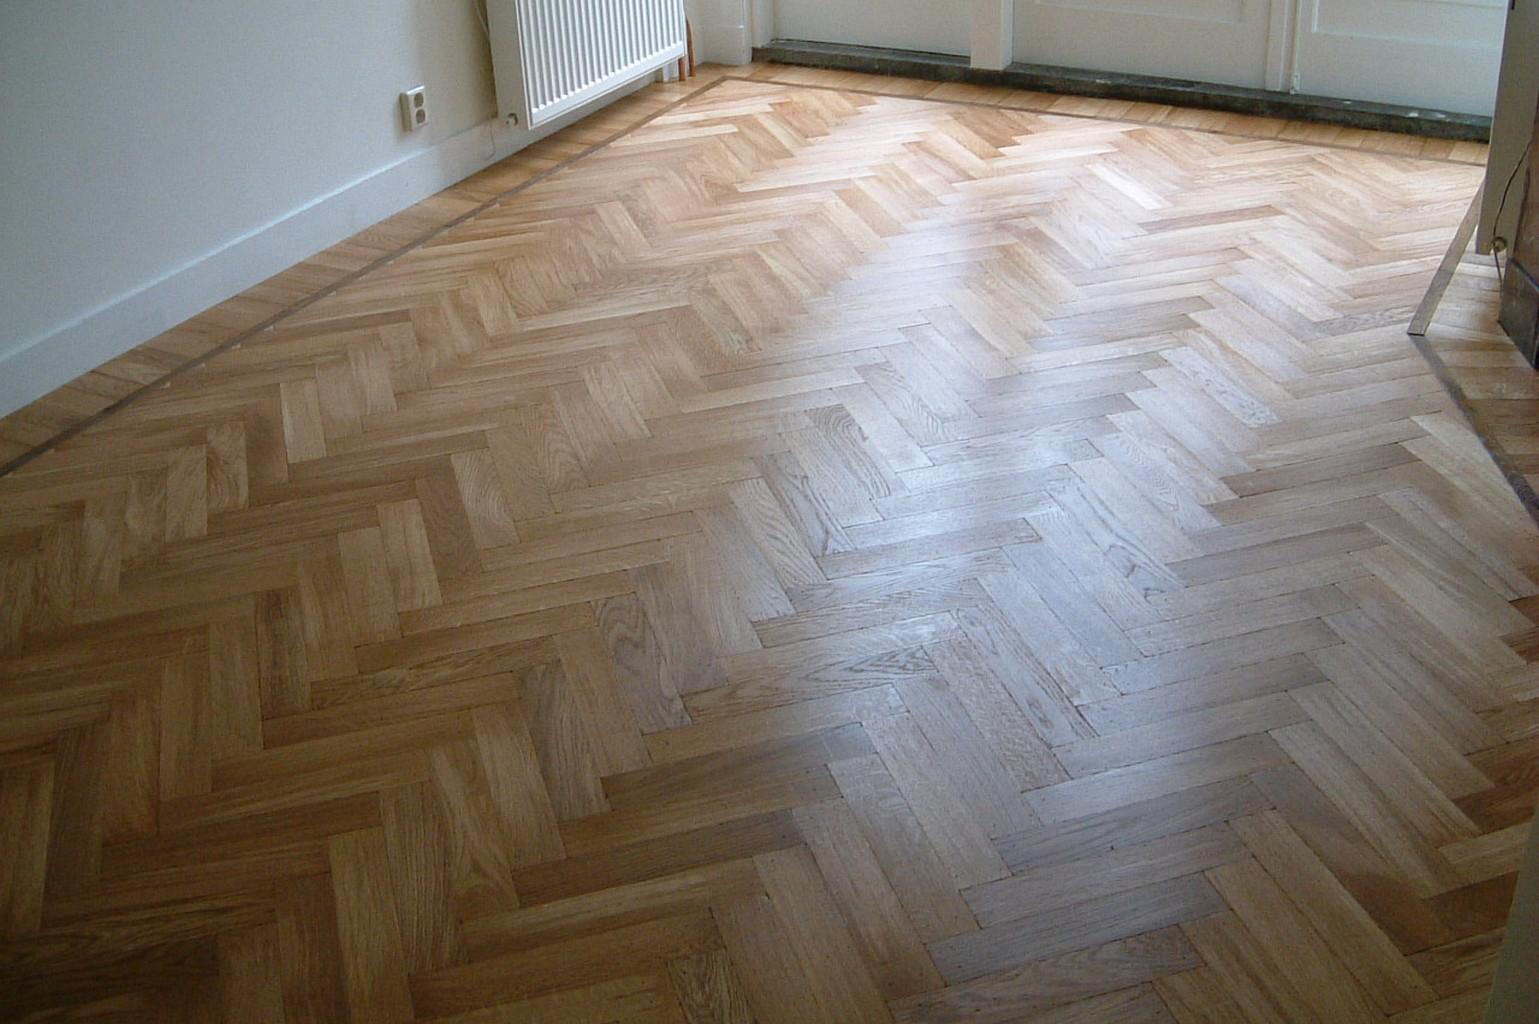 herringbone luxury wood flooring in cream room